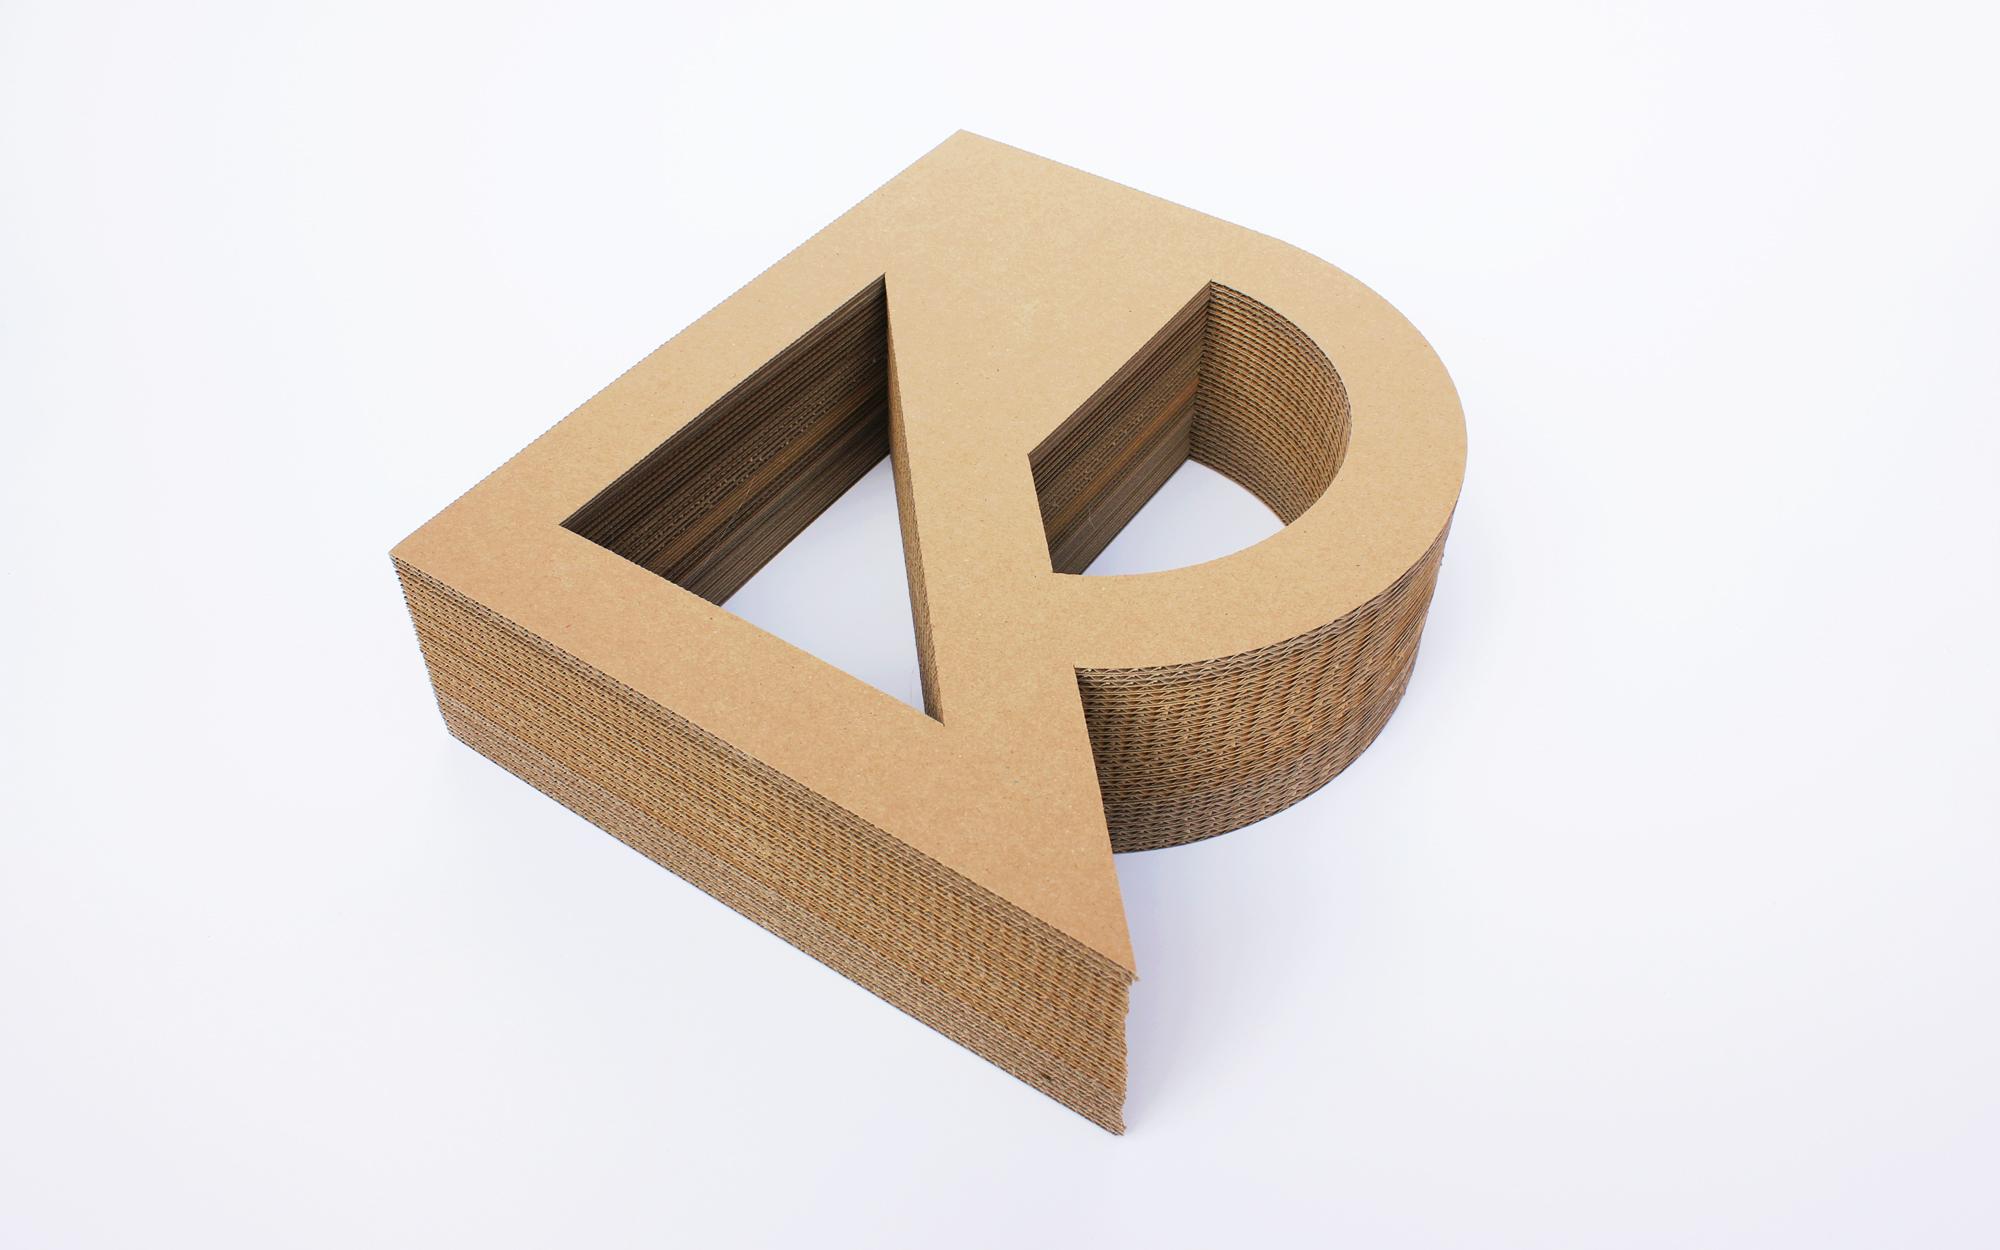 reuse_type_cardboard_typography_matthew_pomorski_graphic_designer_kent_3